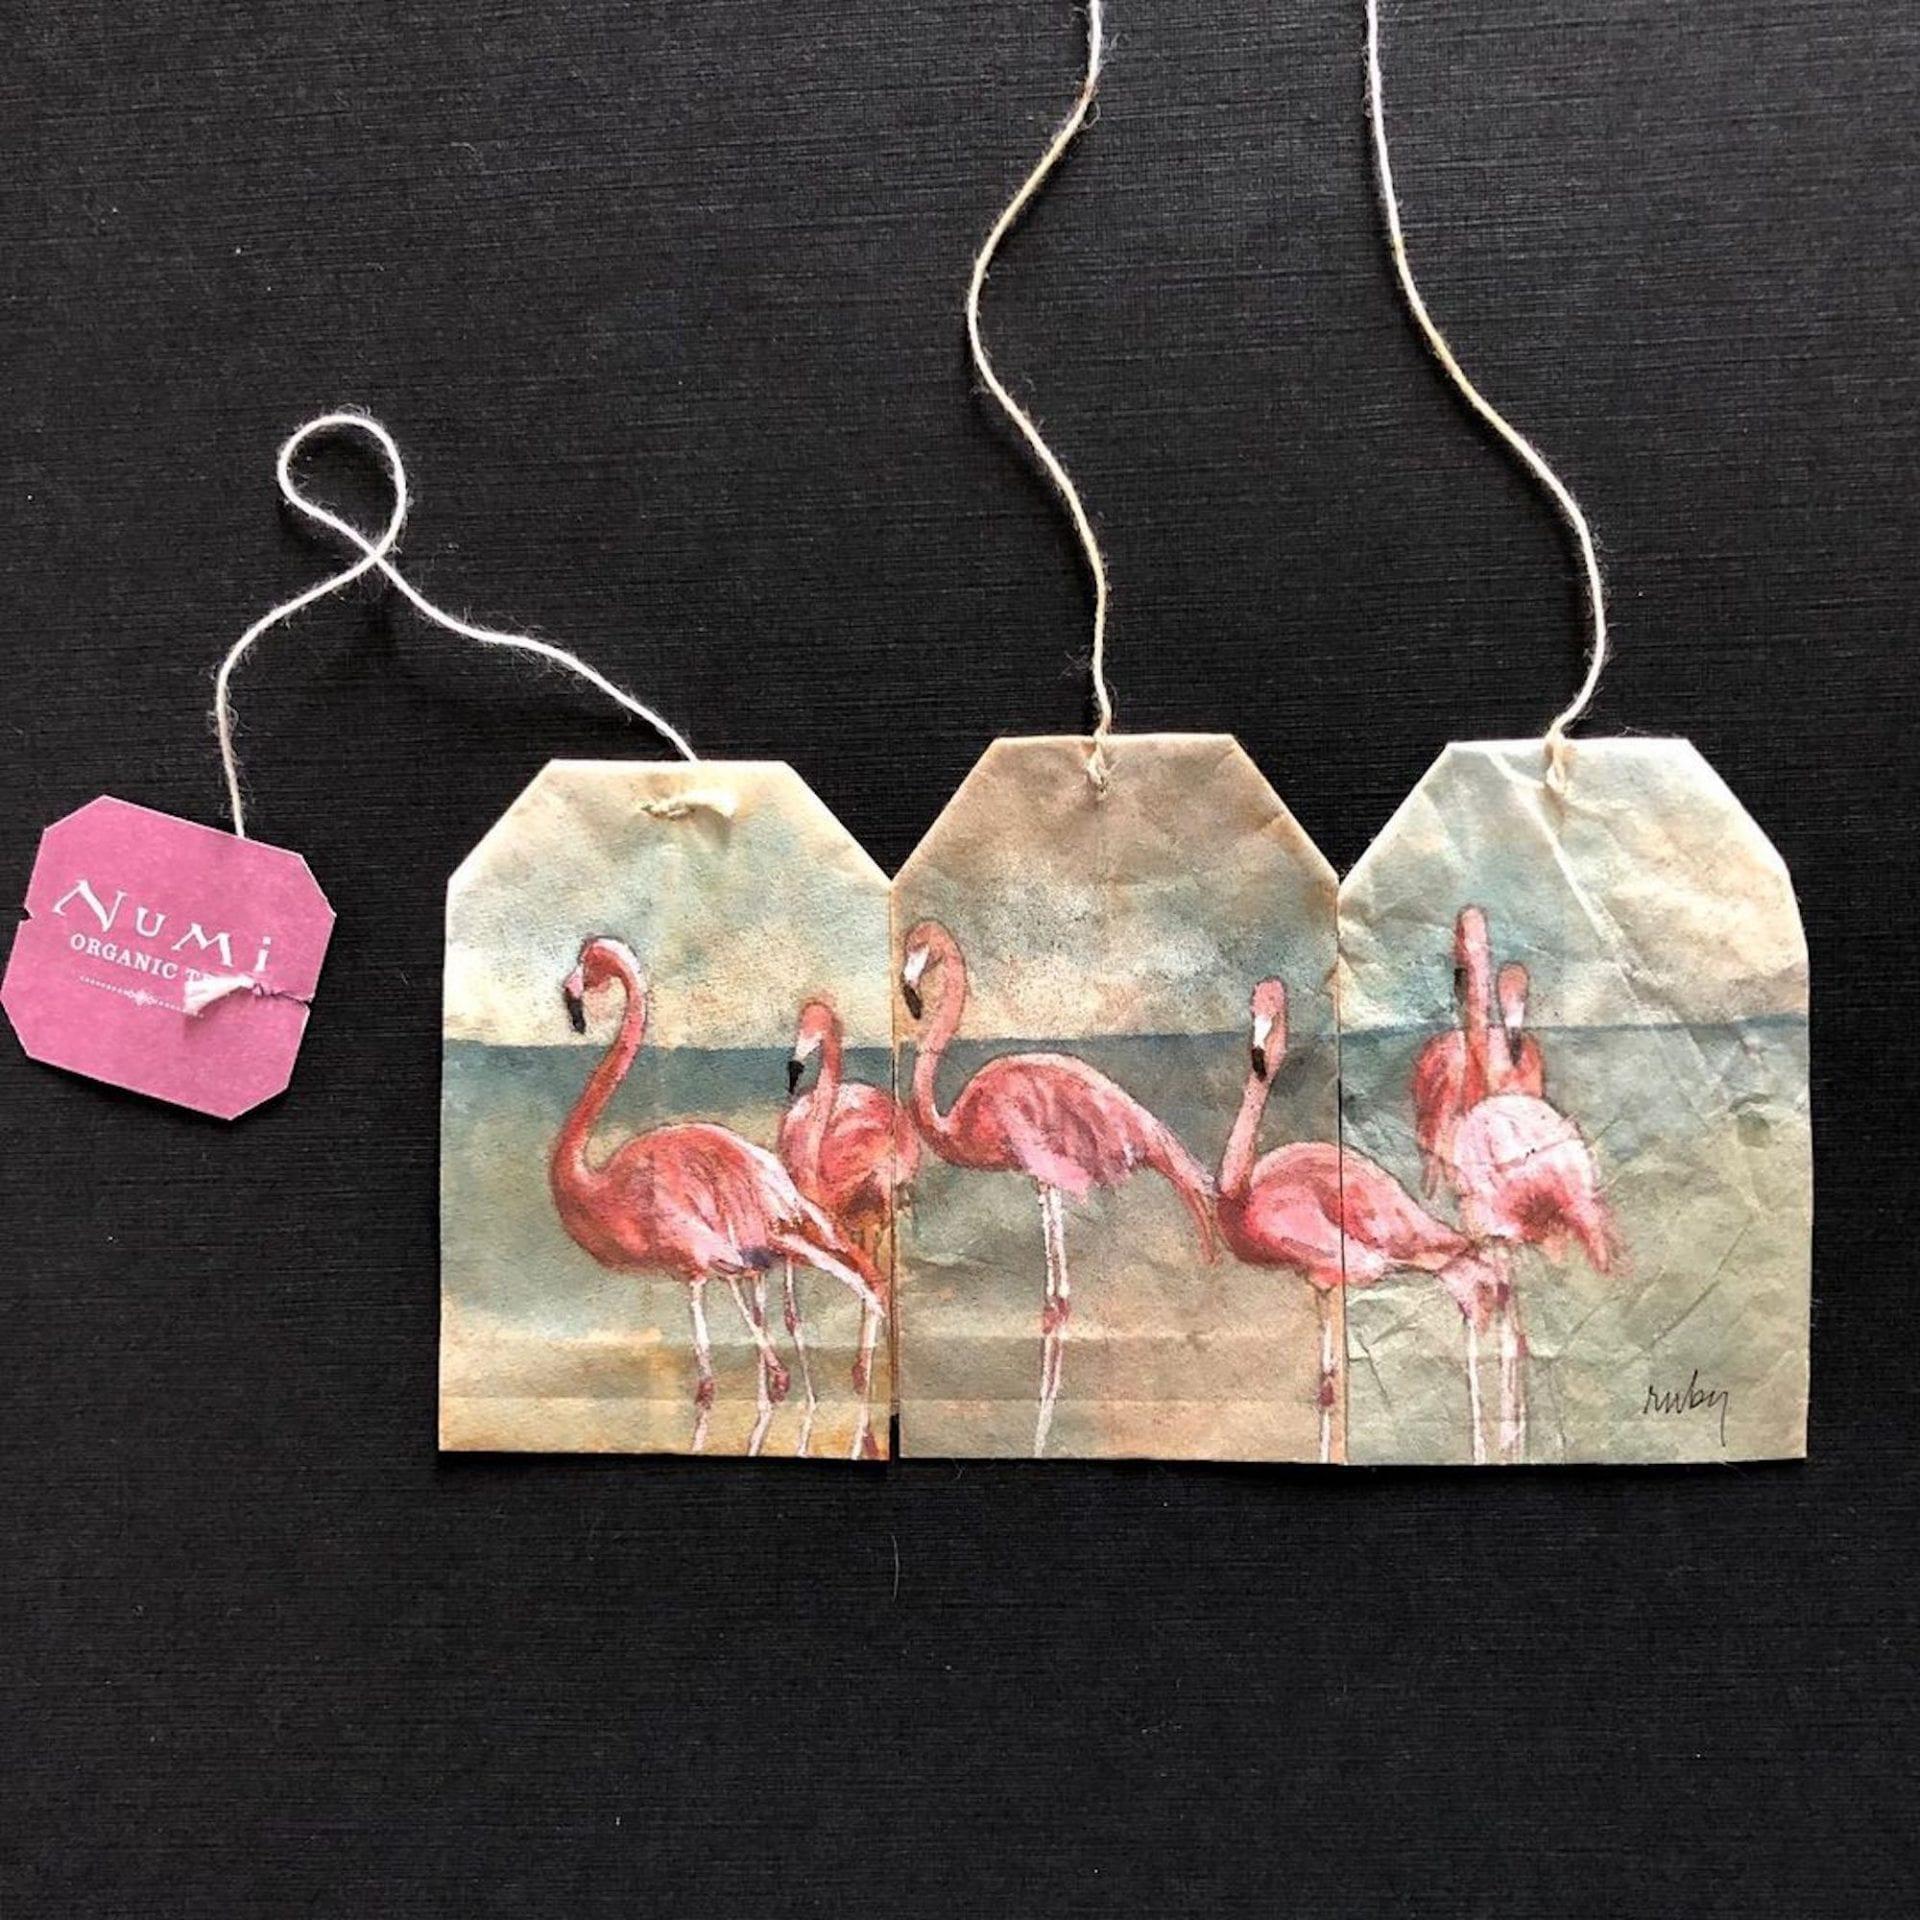 Après chaque thé, l'artiste Ruby Silvious peint des petites scènes sur les sachets usagés